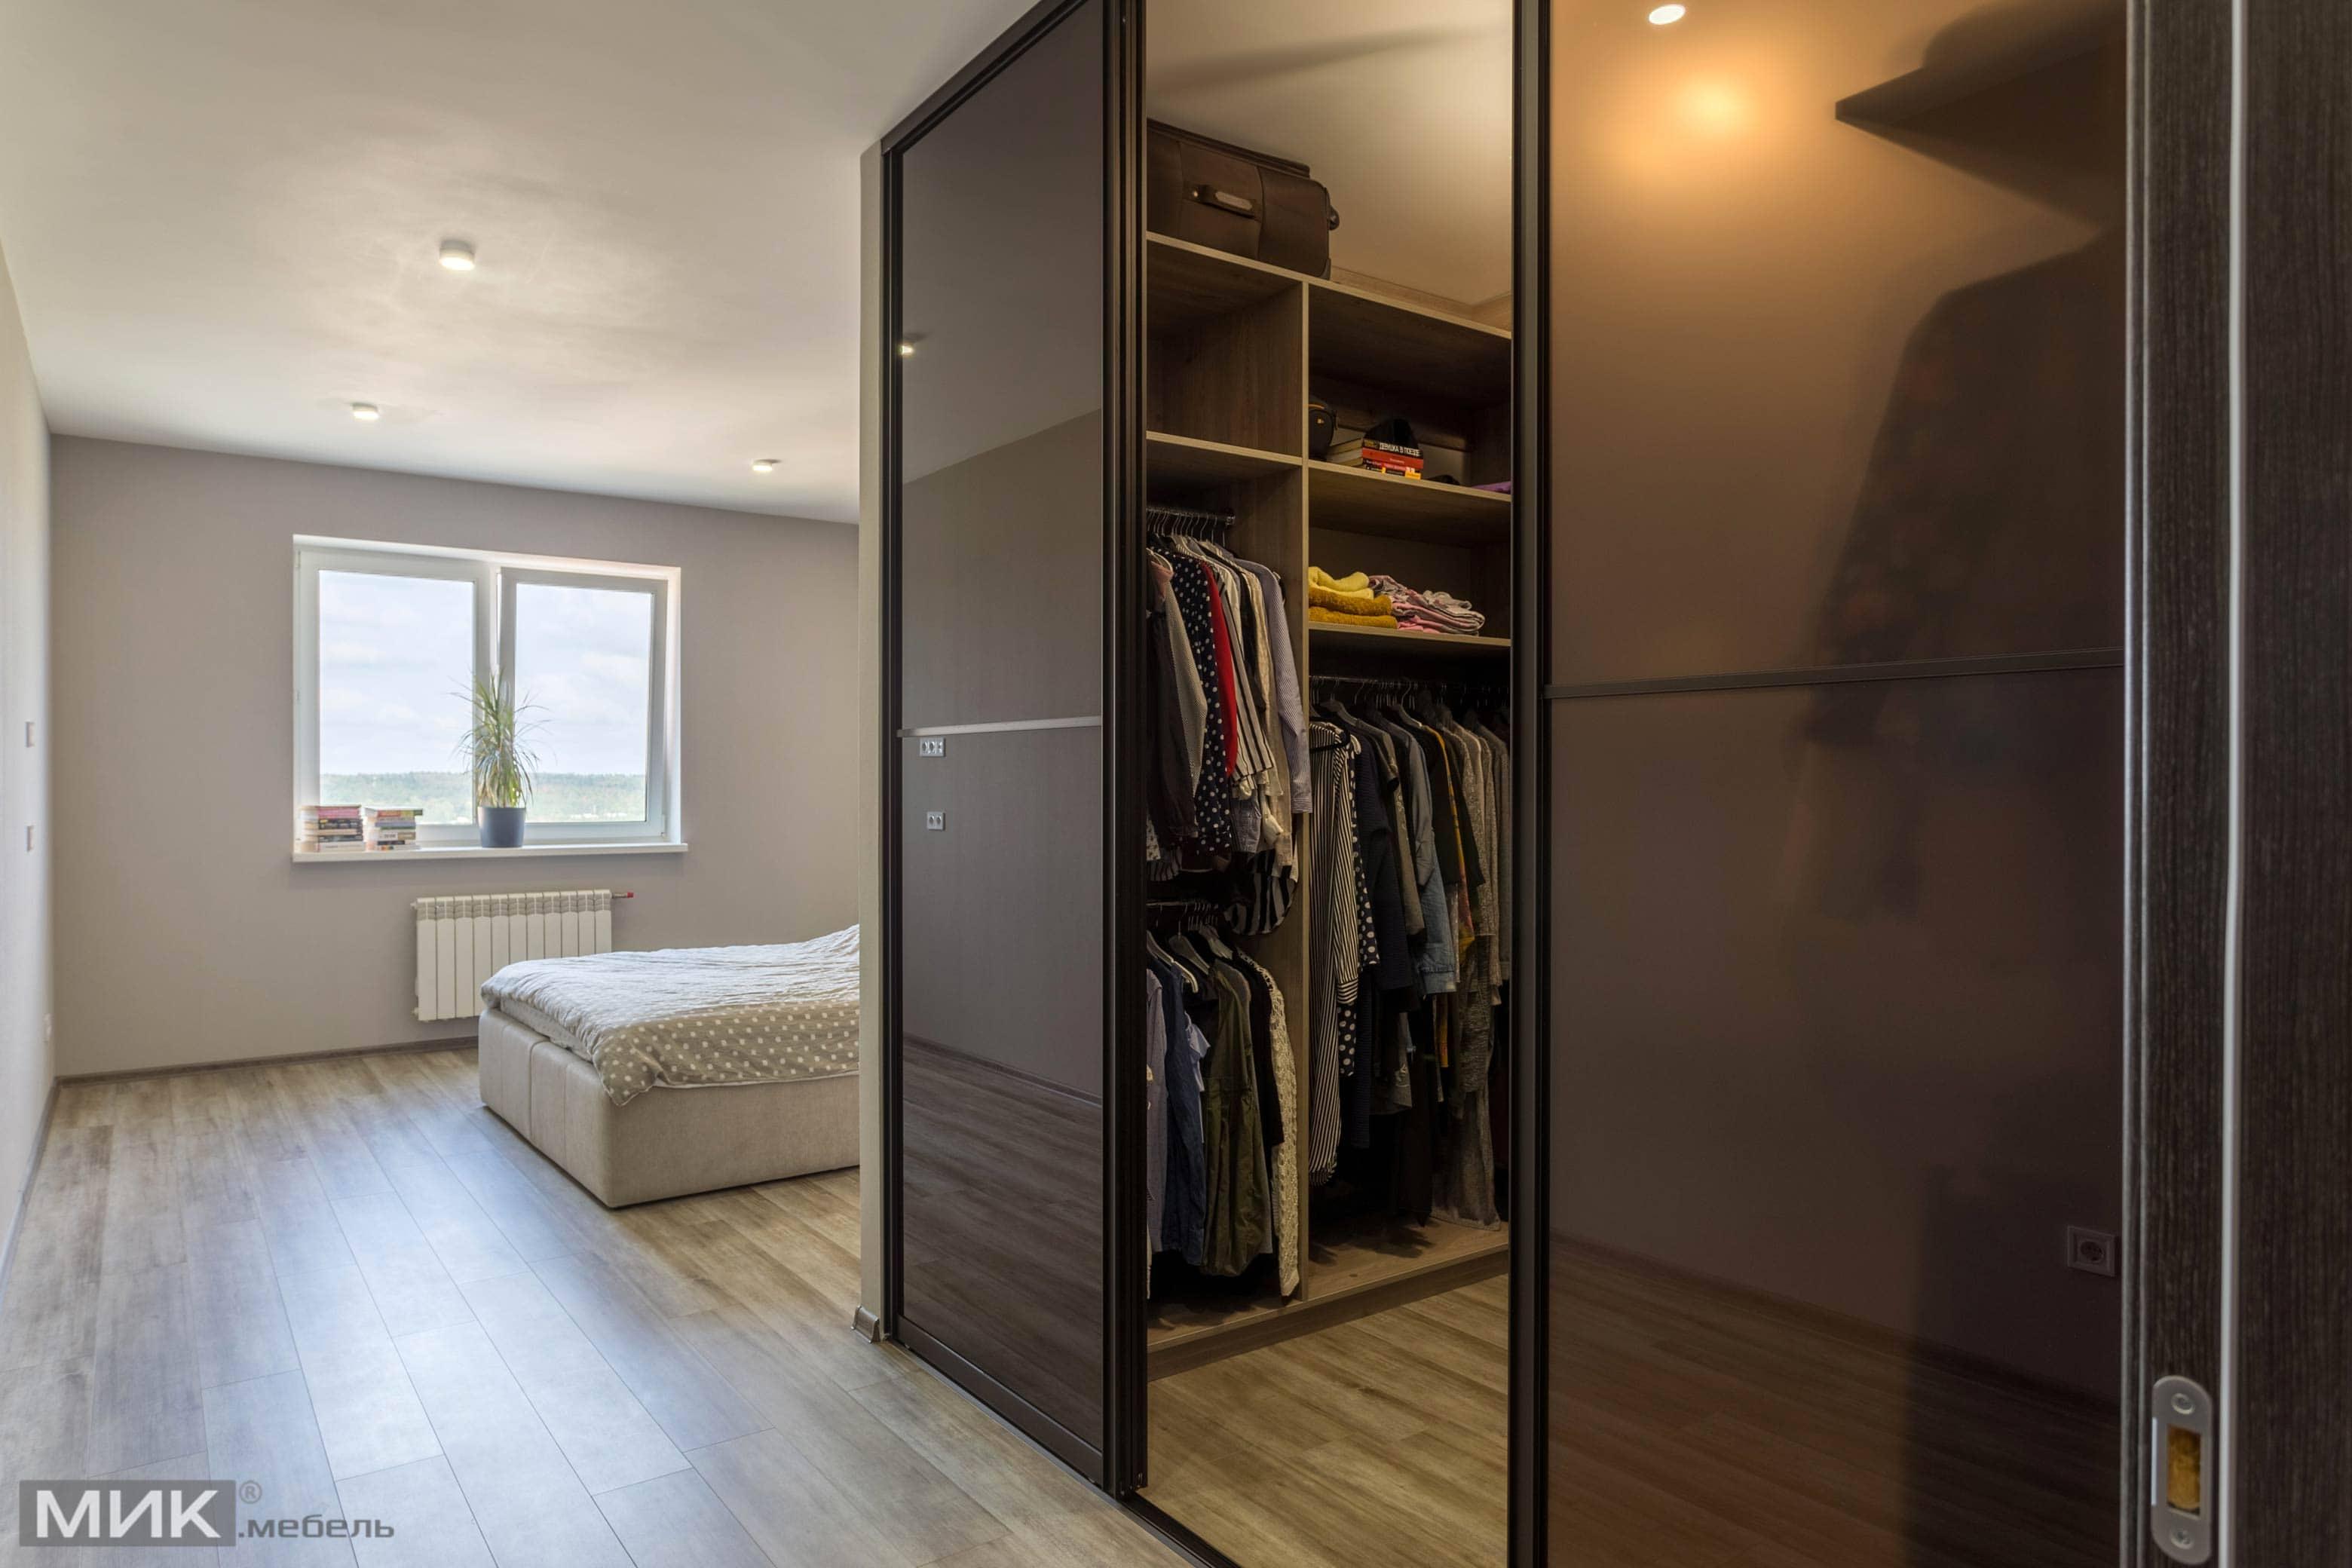 П-образная кухня и гардеробная комната в спальне, фото интер.